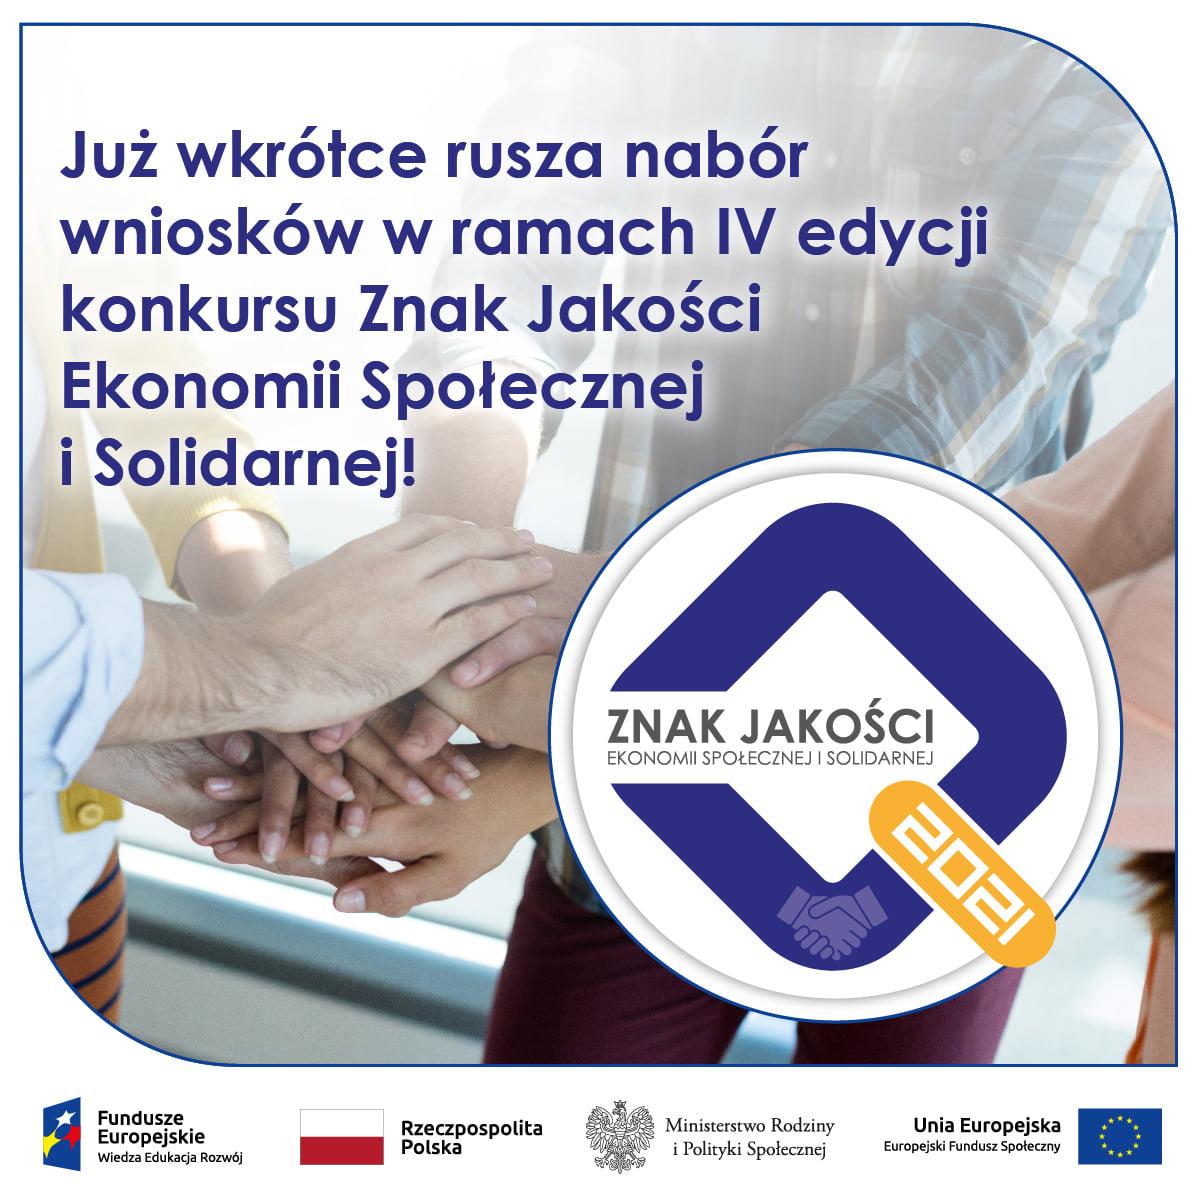 Nabór wniosków w ramach IV edycji Konkursu Znak Jakości Ekonomii Społecznej i Solidarnej 2021